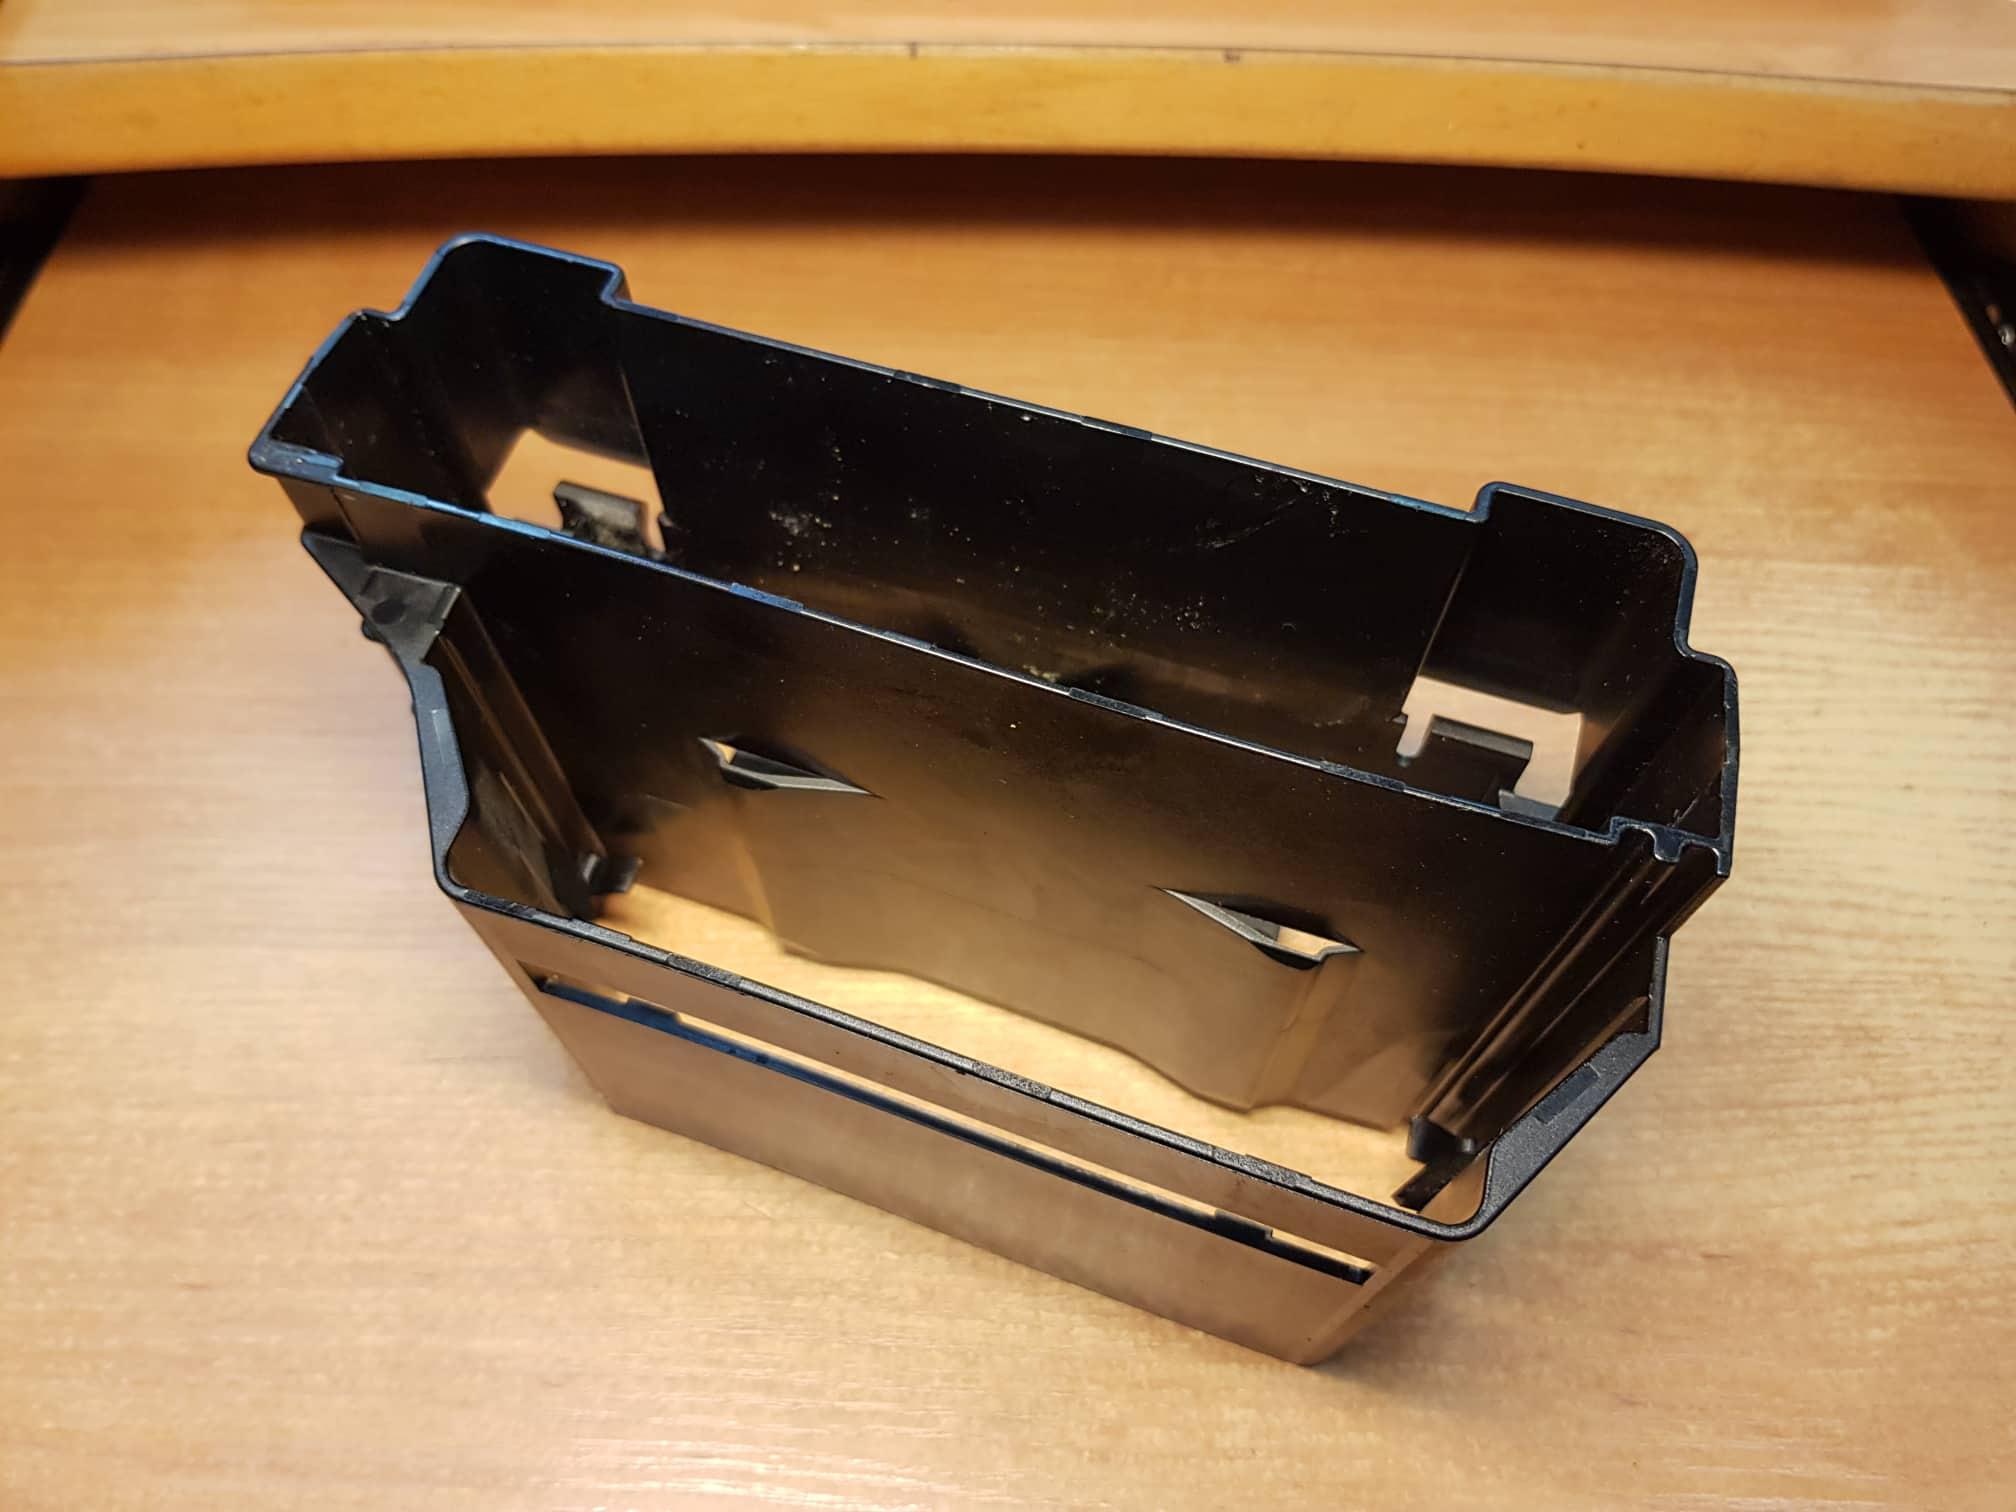 VW TOUAREG PORSCHE CAYENNE Gearbox & Transfer Box ECU Module